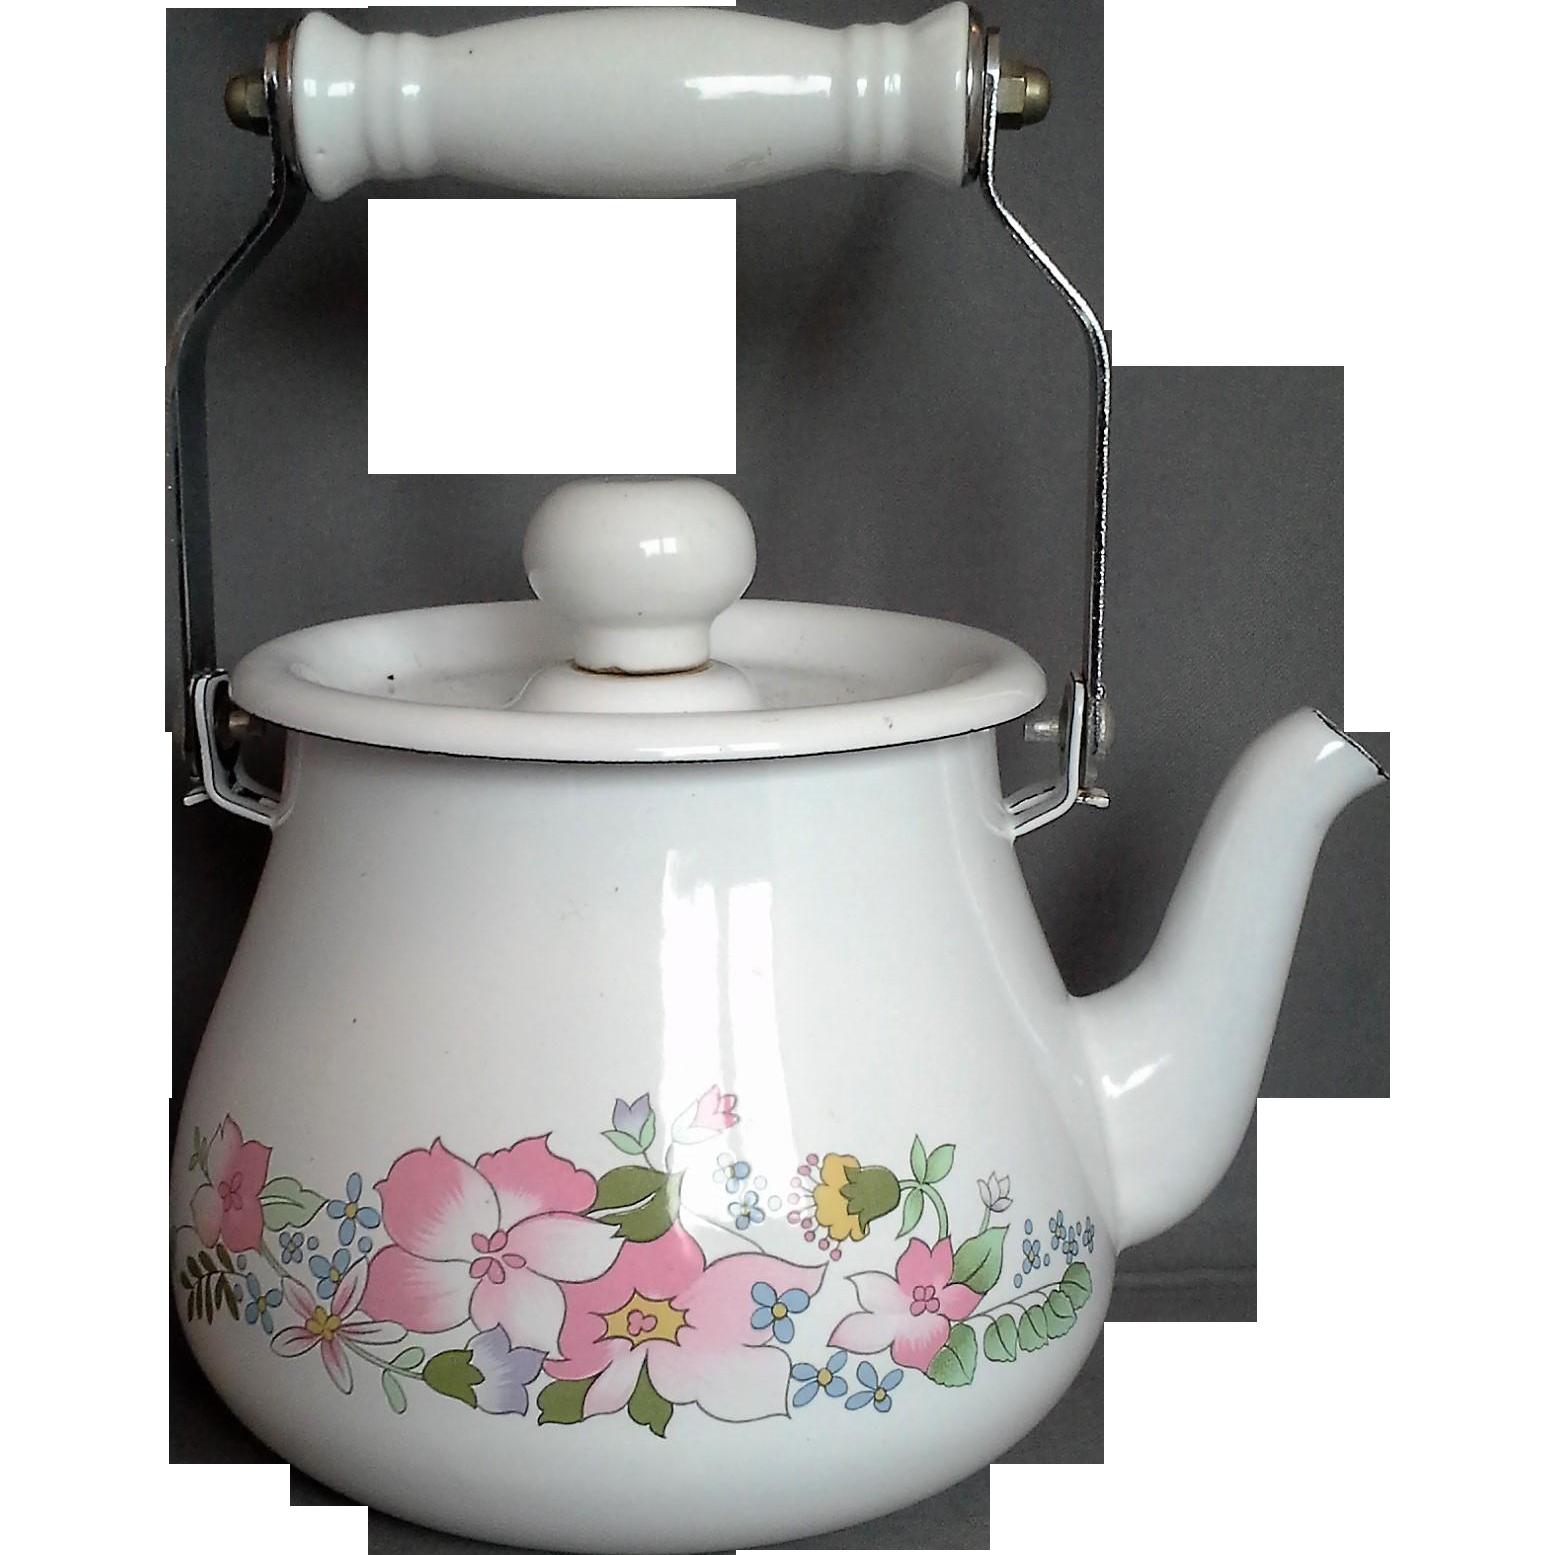 Kobe Floral Enamel Tea Kettle JC Penney 1 Qt